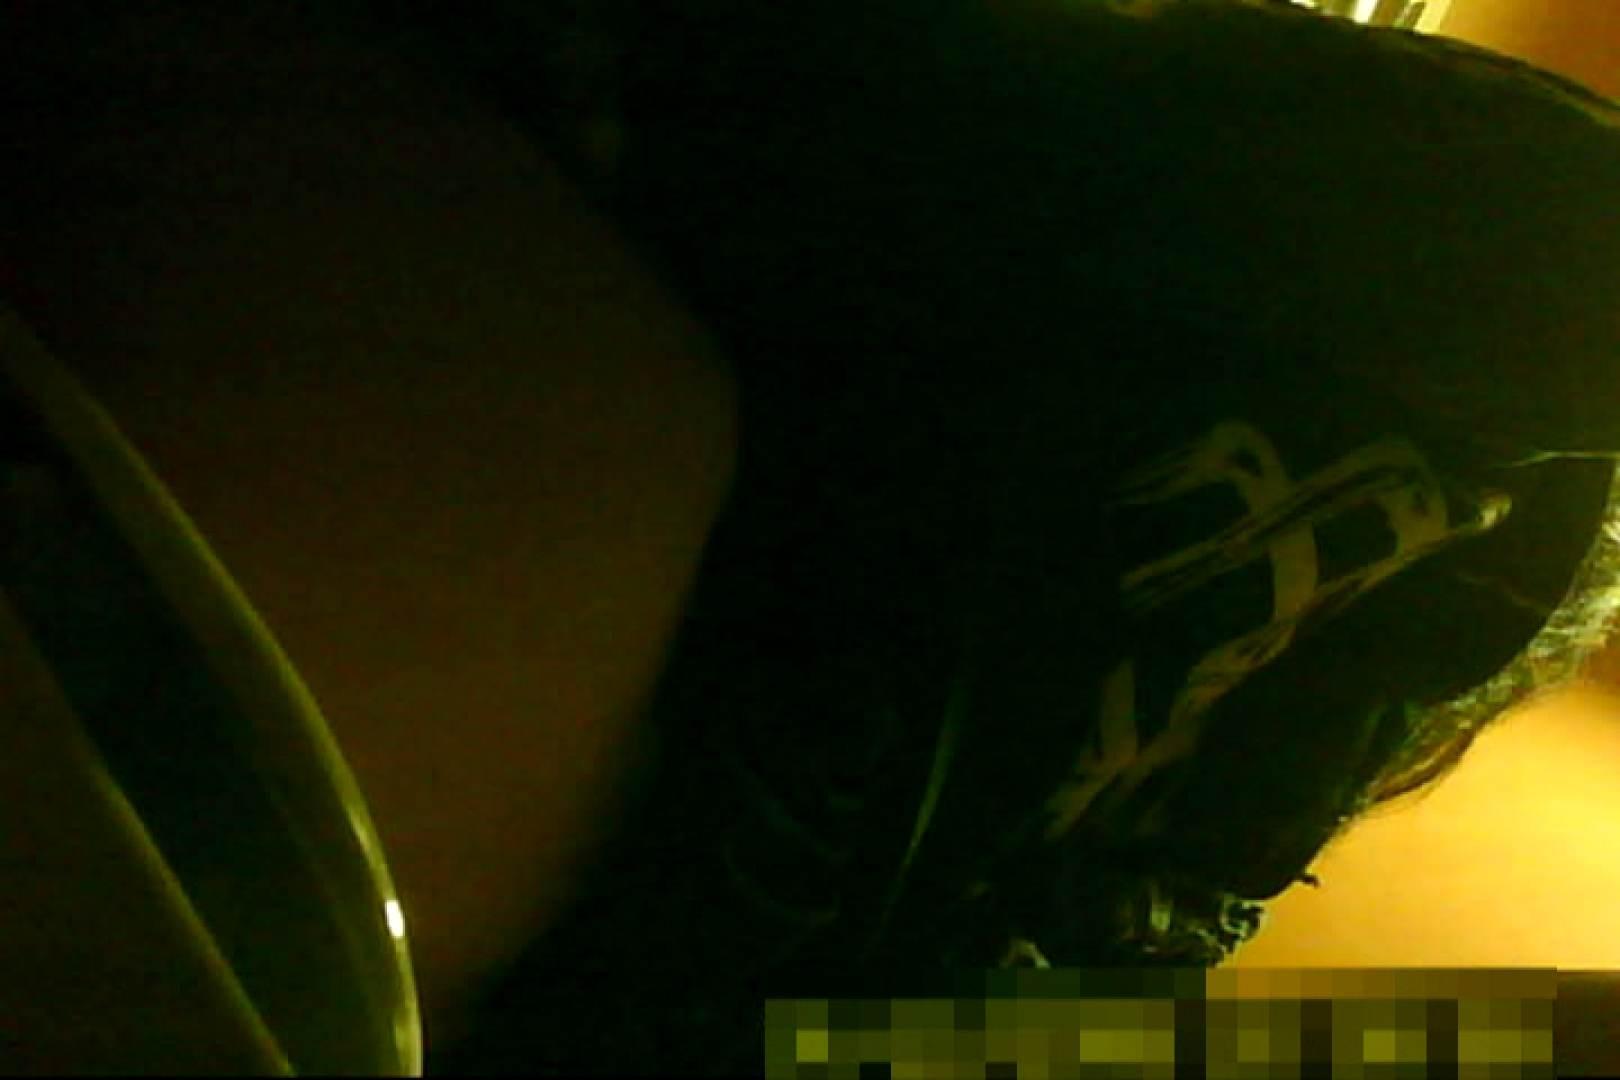 魅惑の化粧室~禁断のプライベート空間~13 お姉さんのエッチ   プライベート投稿  70PIX 59